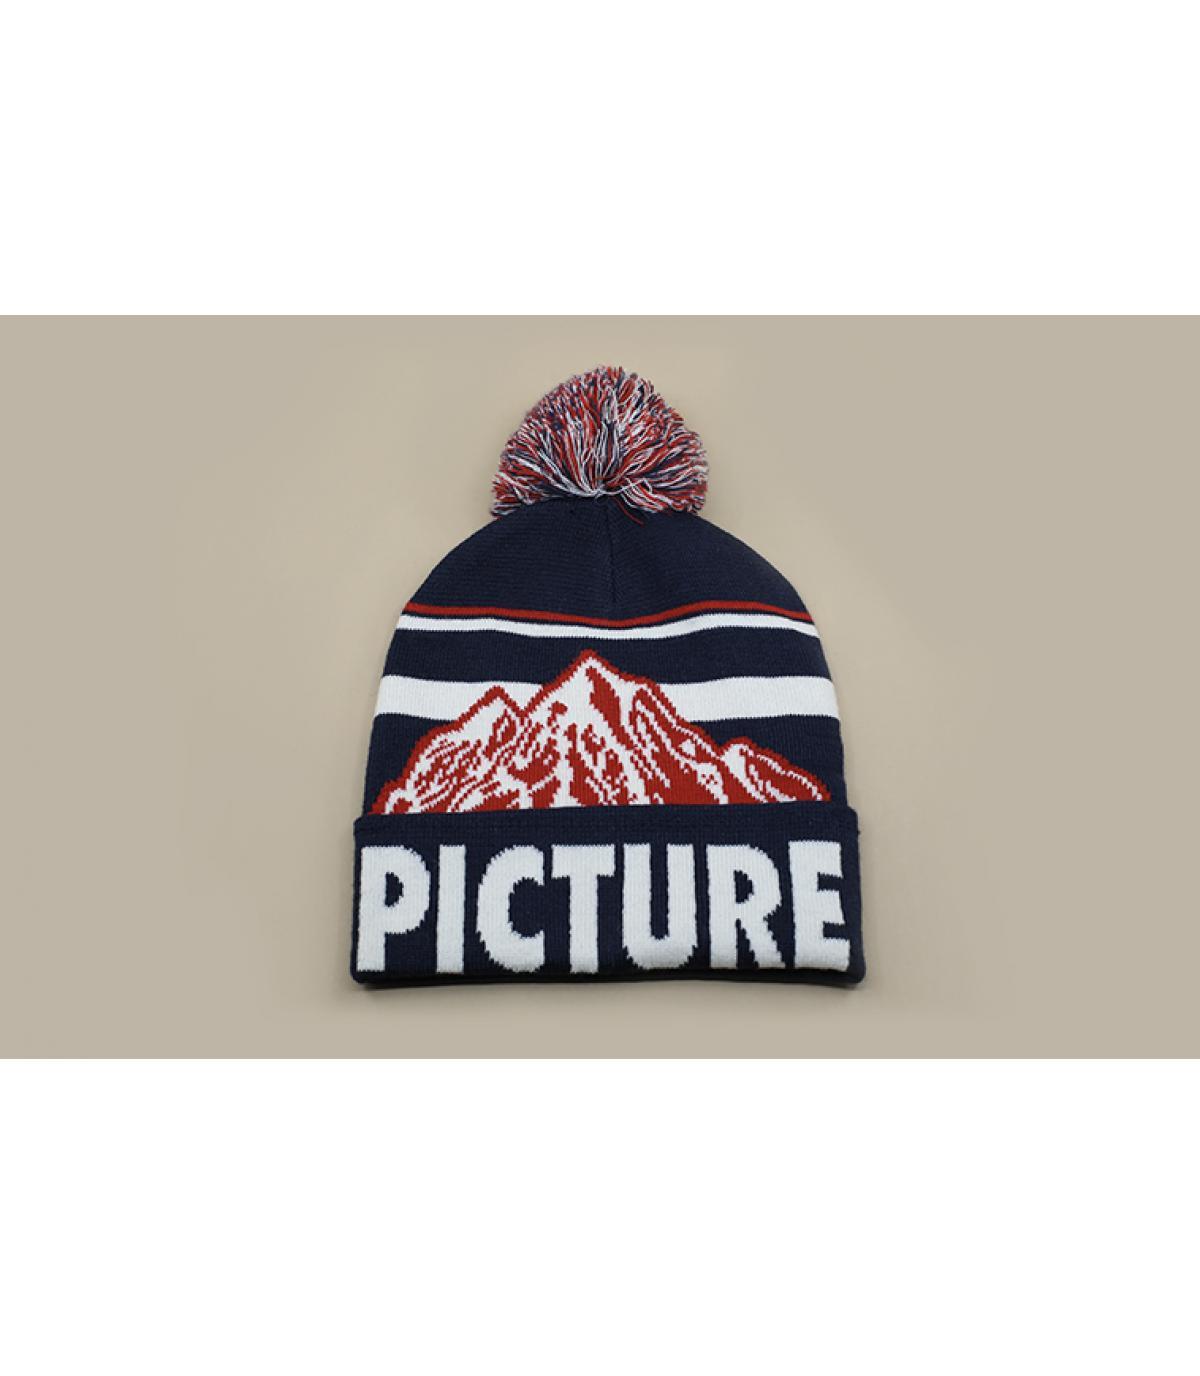 bonnet pompon Picture montagne